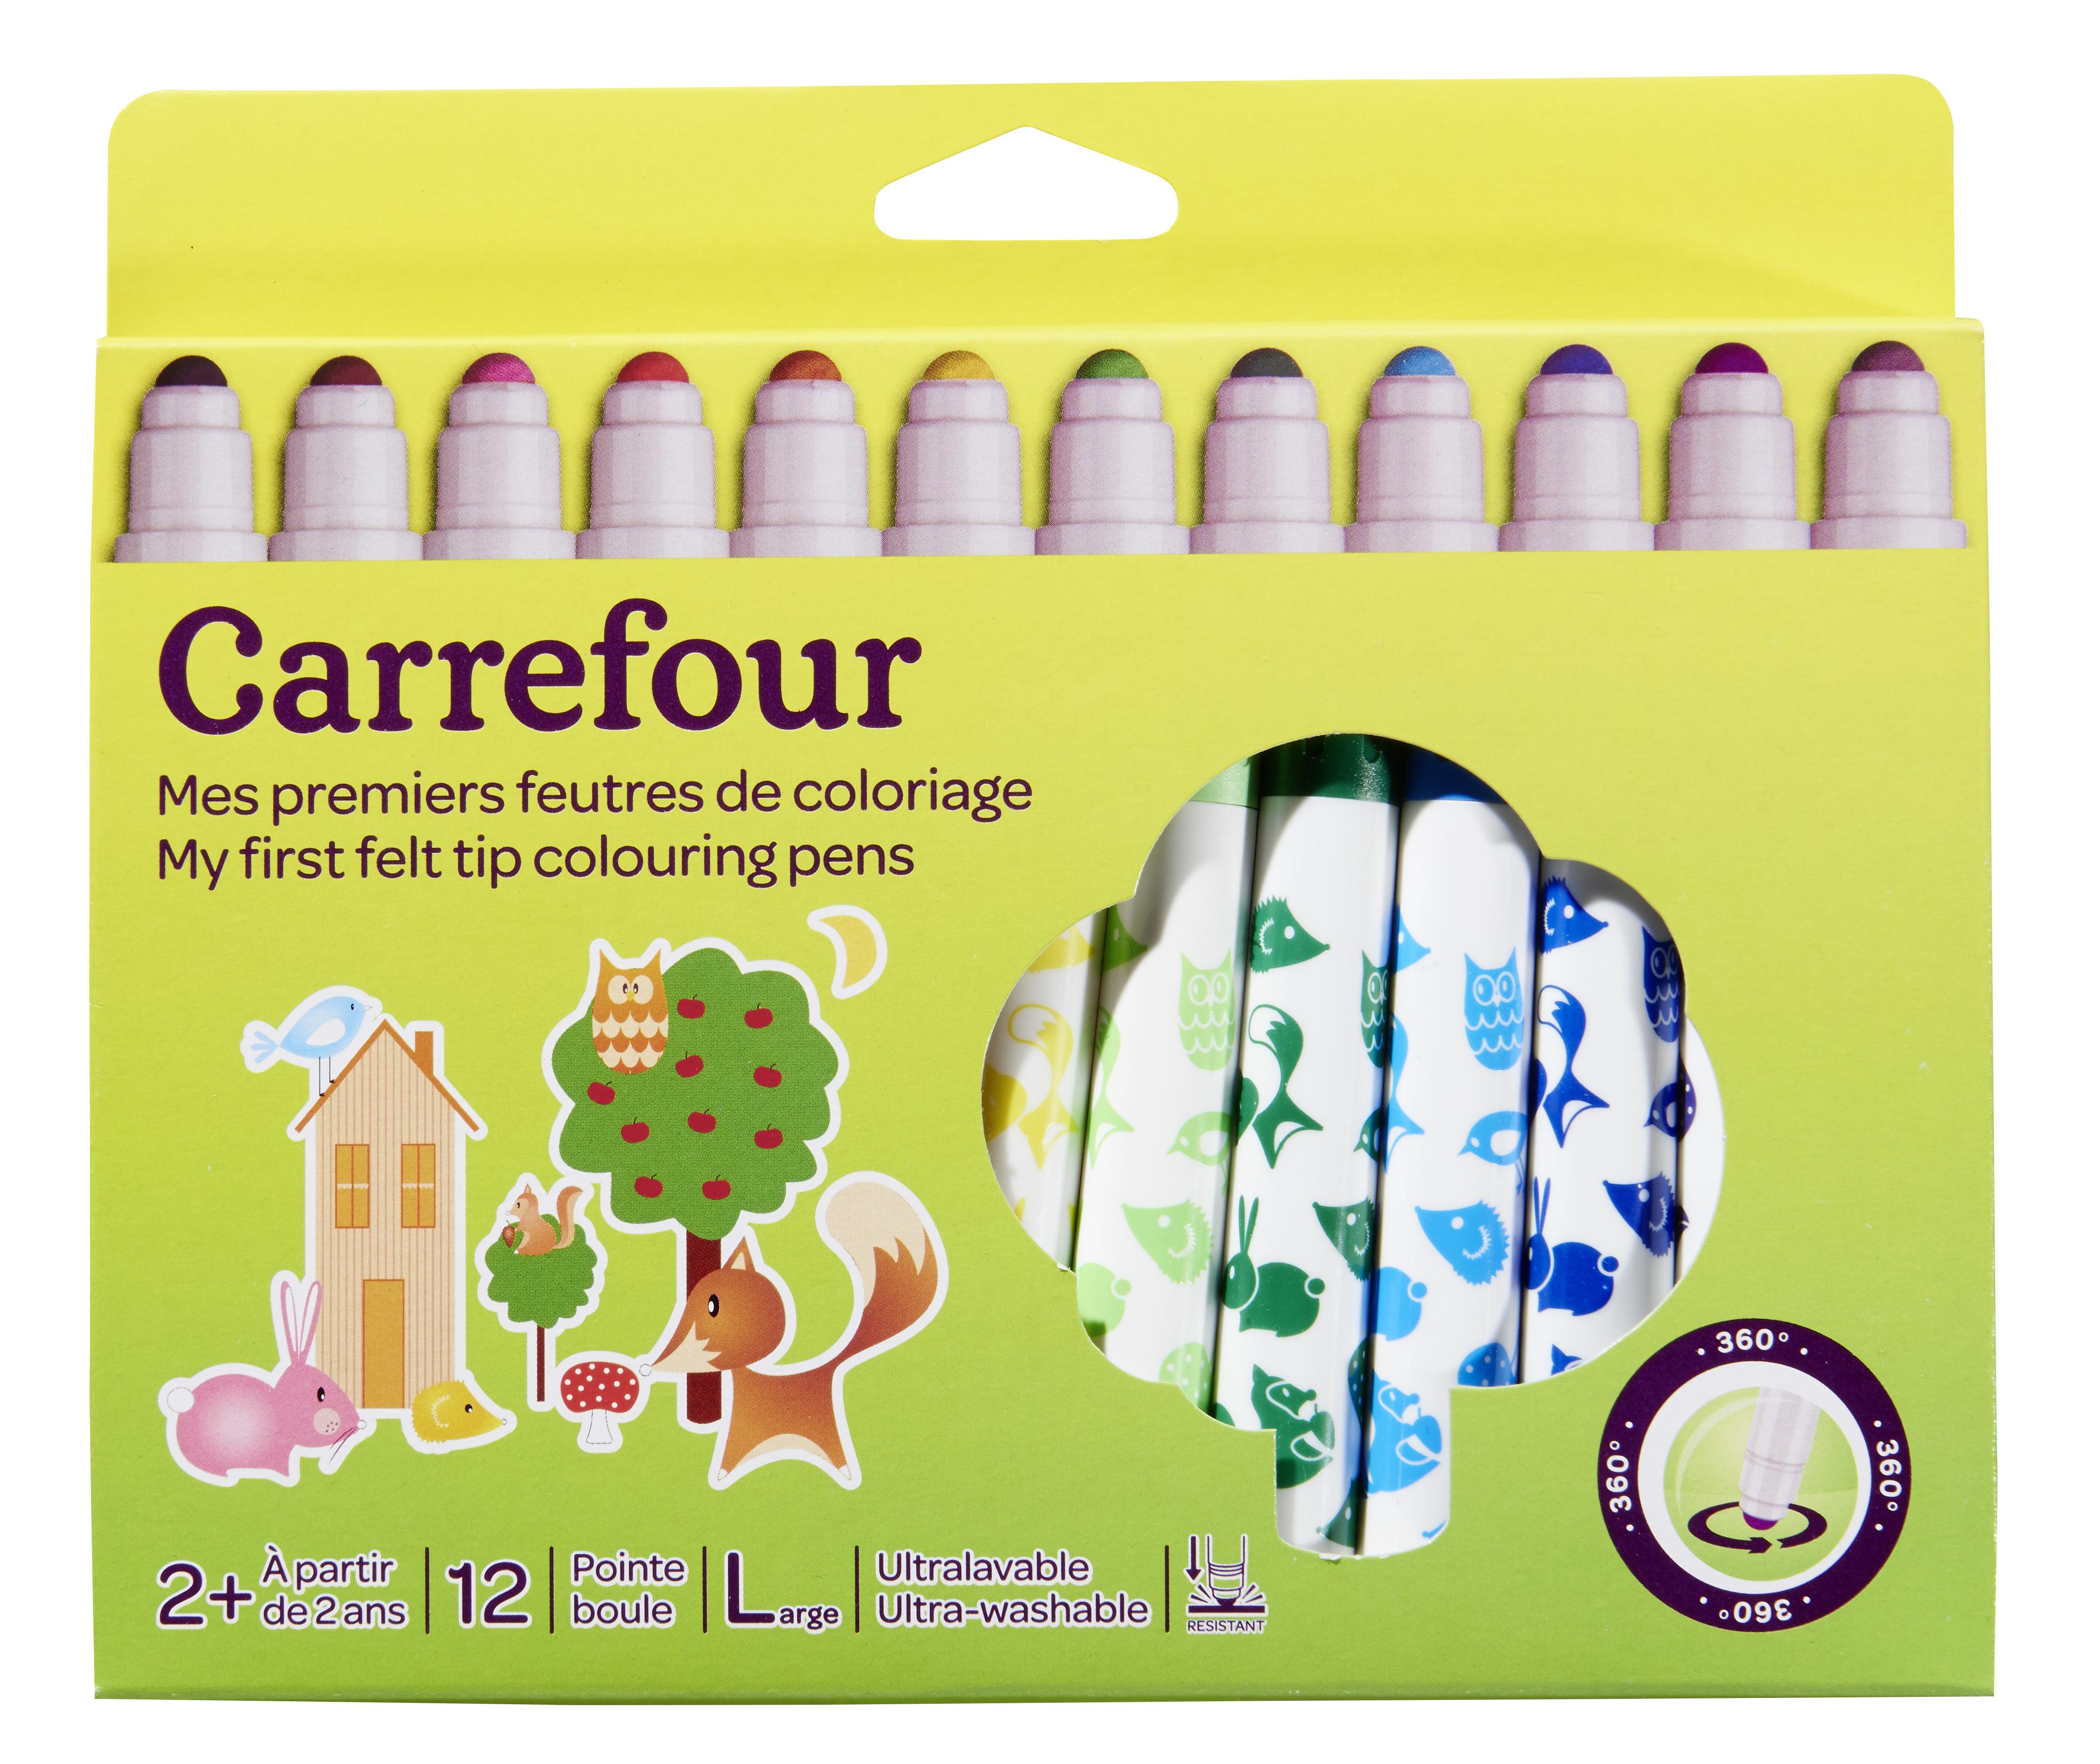 Carrefour Lot De 12 Feutres De Coloriage Bebe Pointe Large Pas